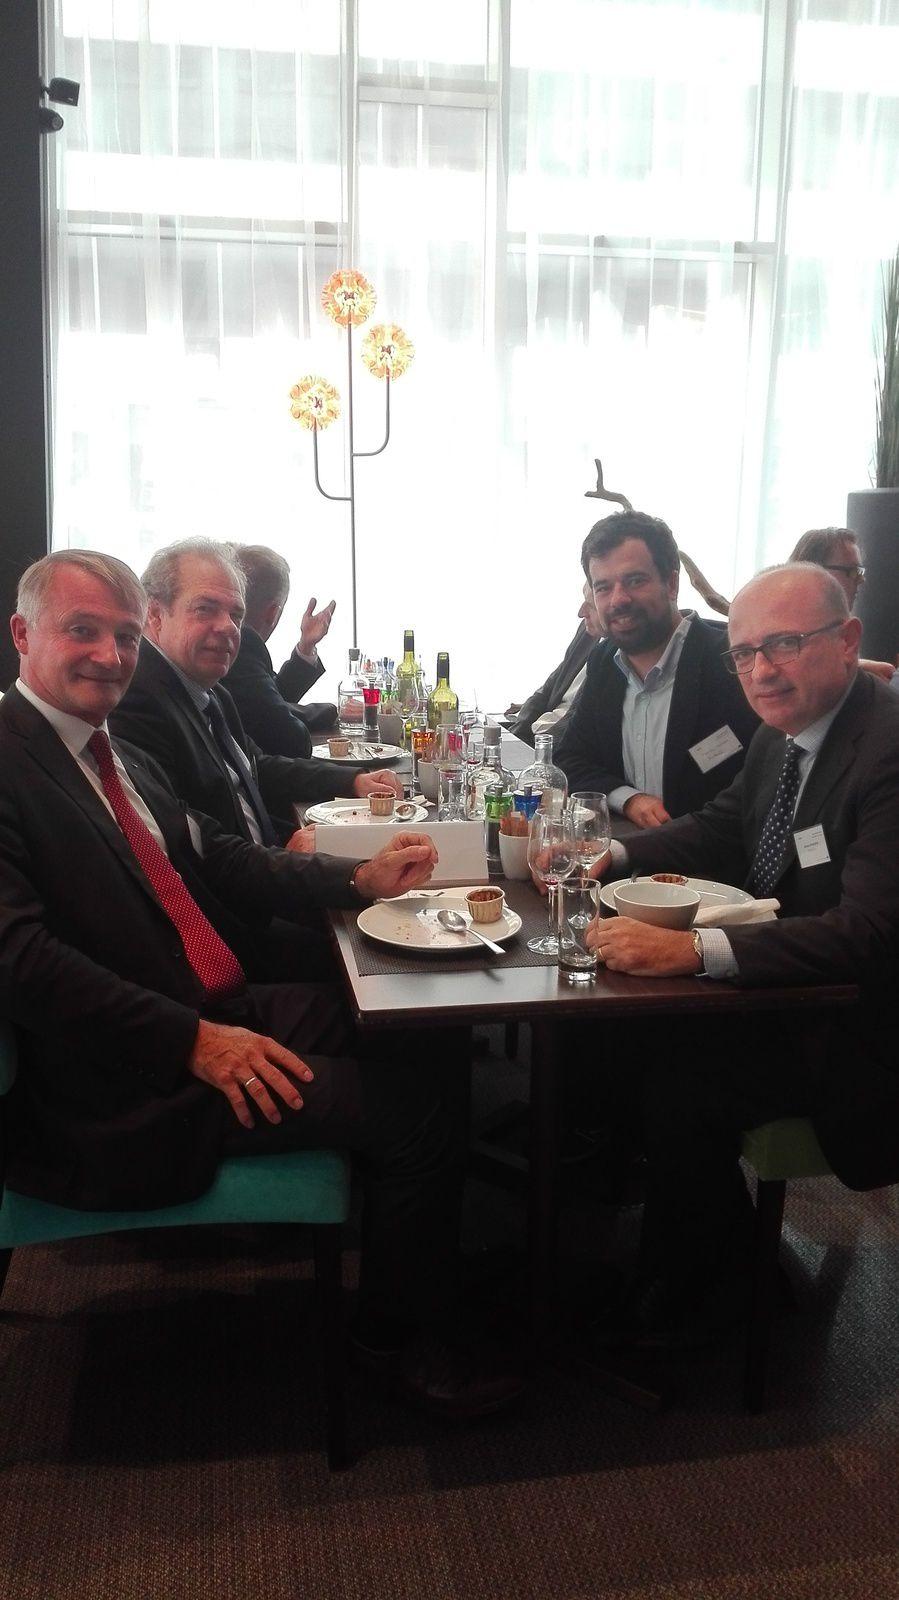 Déjeuner relationnel européen en plus du dîner de la veille avec échanges très intéressants